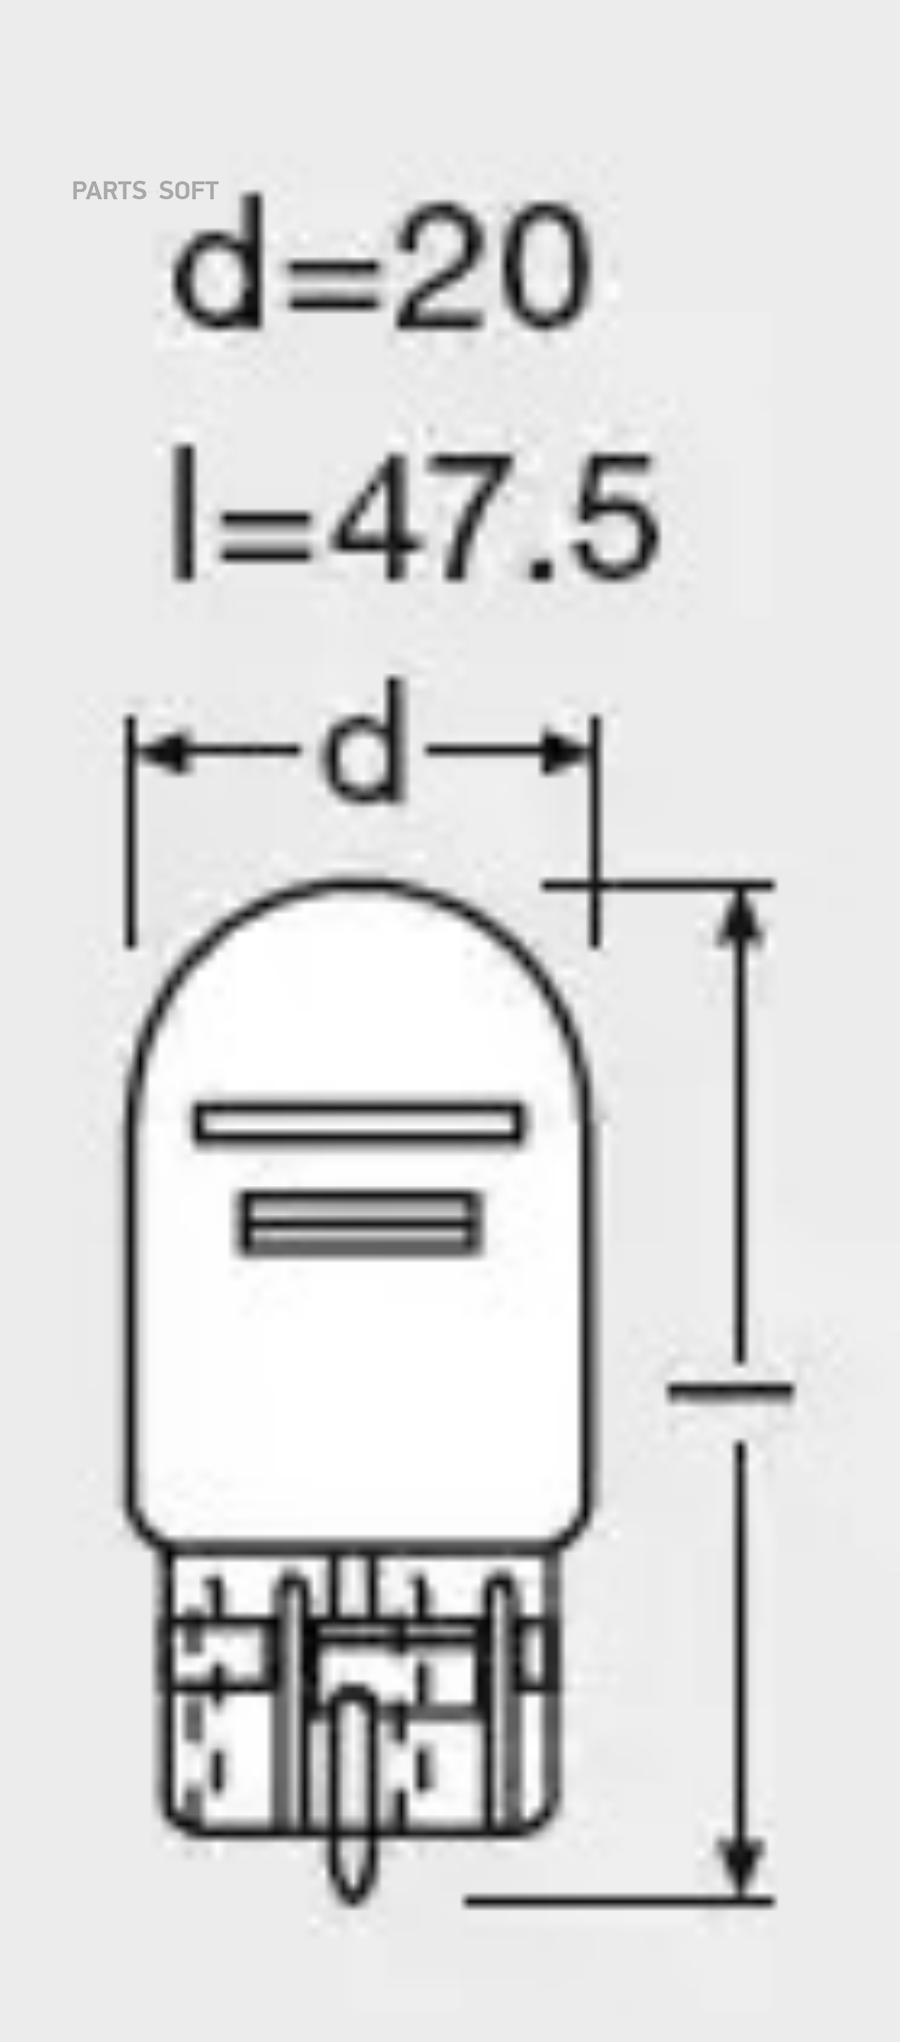 Лампа W21/5W 12V 21/5W W3x16q ORIGINAL LINE качество оригинальной з/ч (ОЕМ) 1 шт.